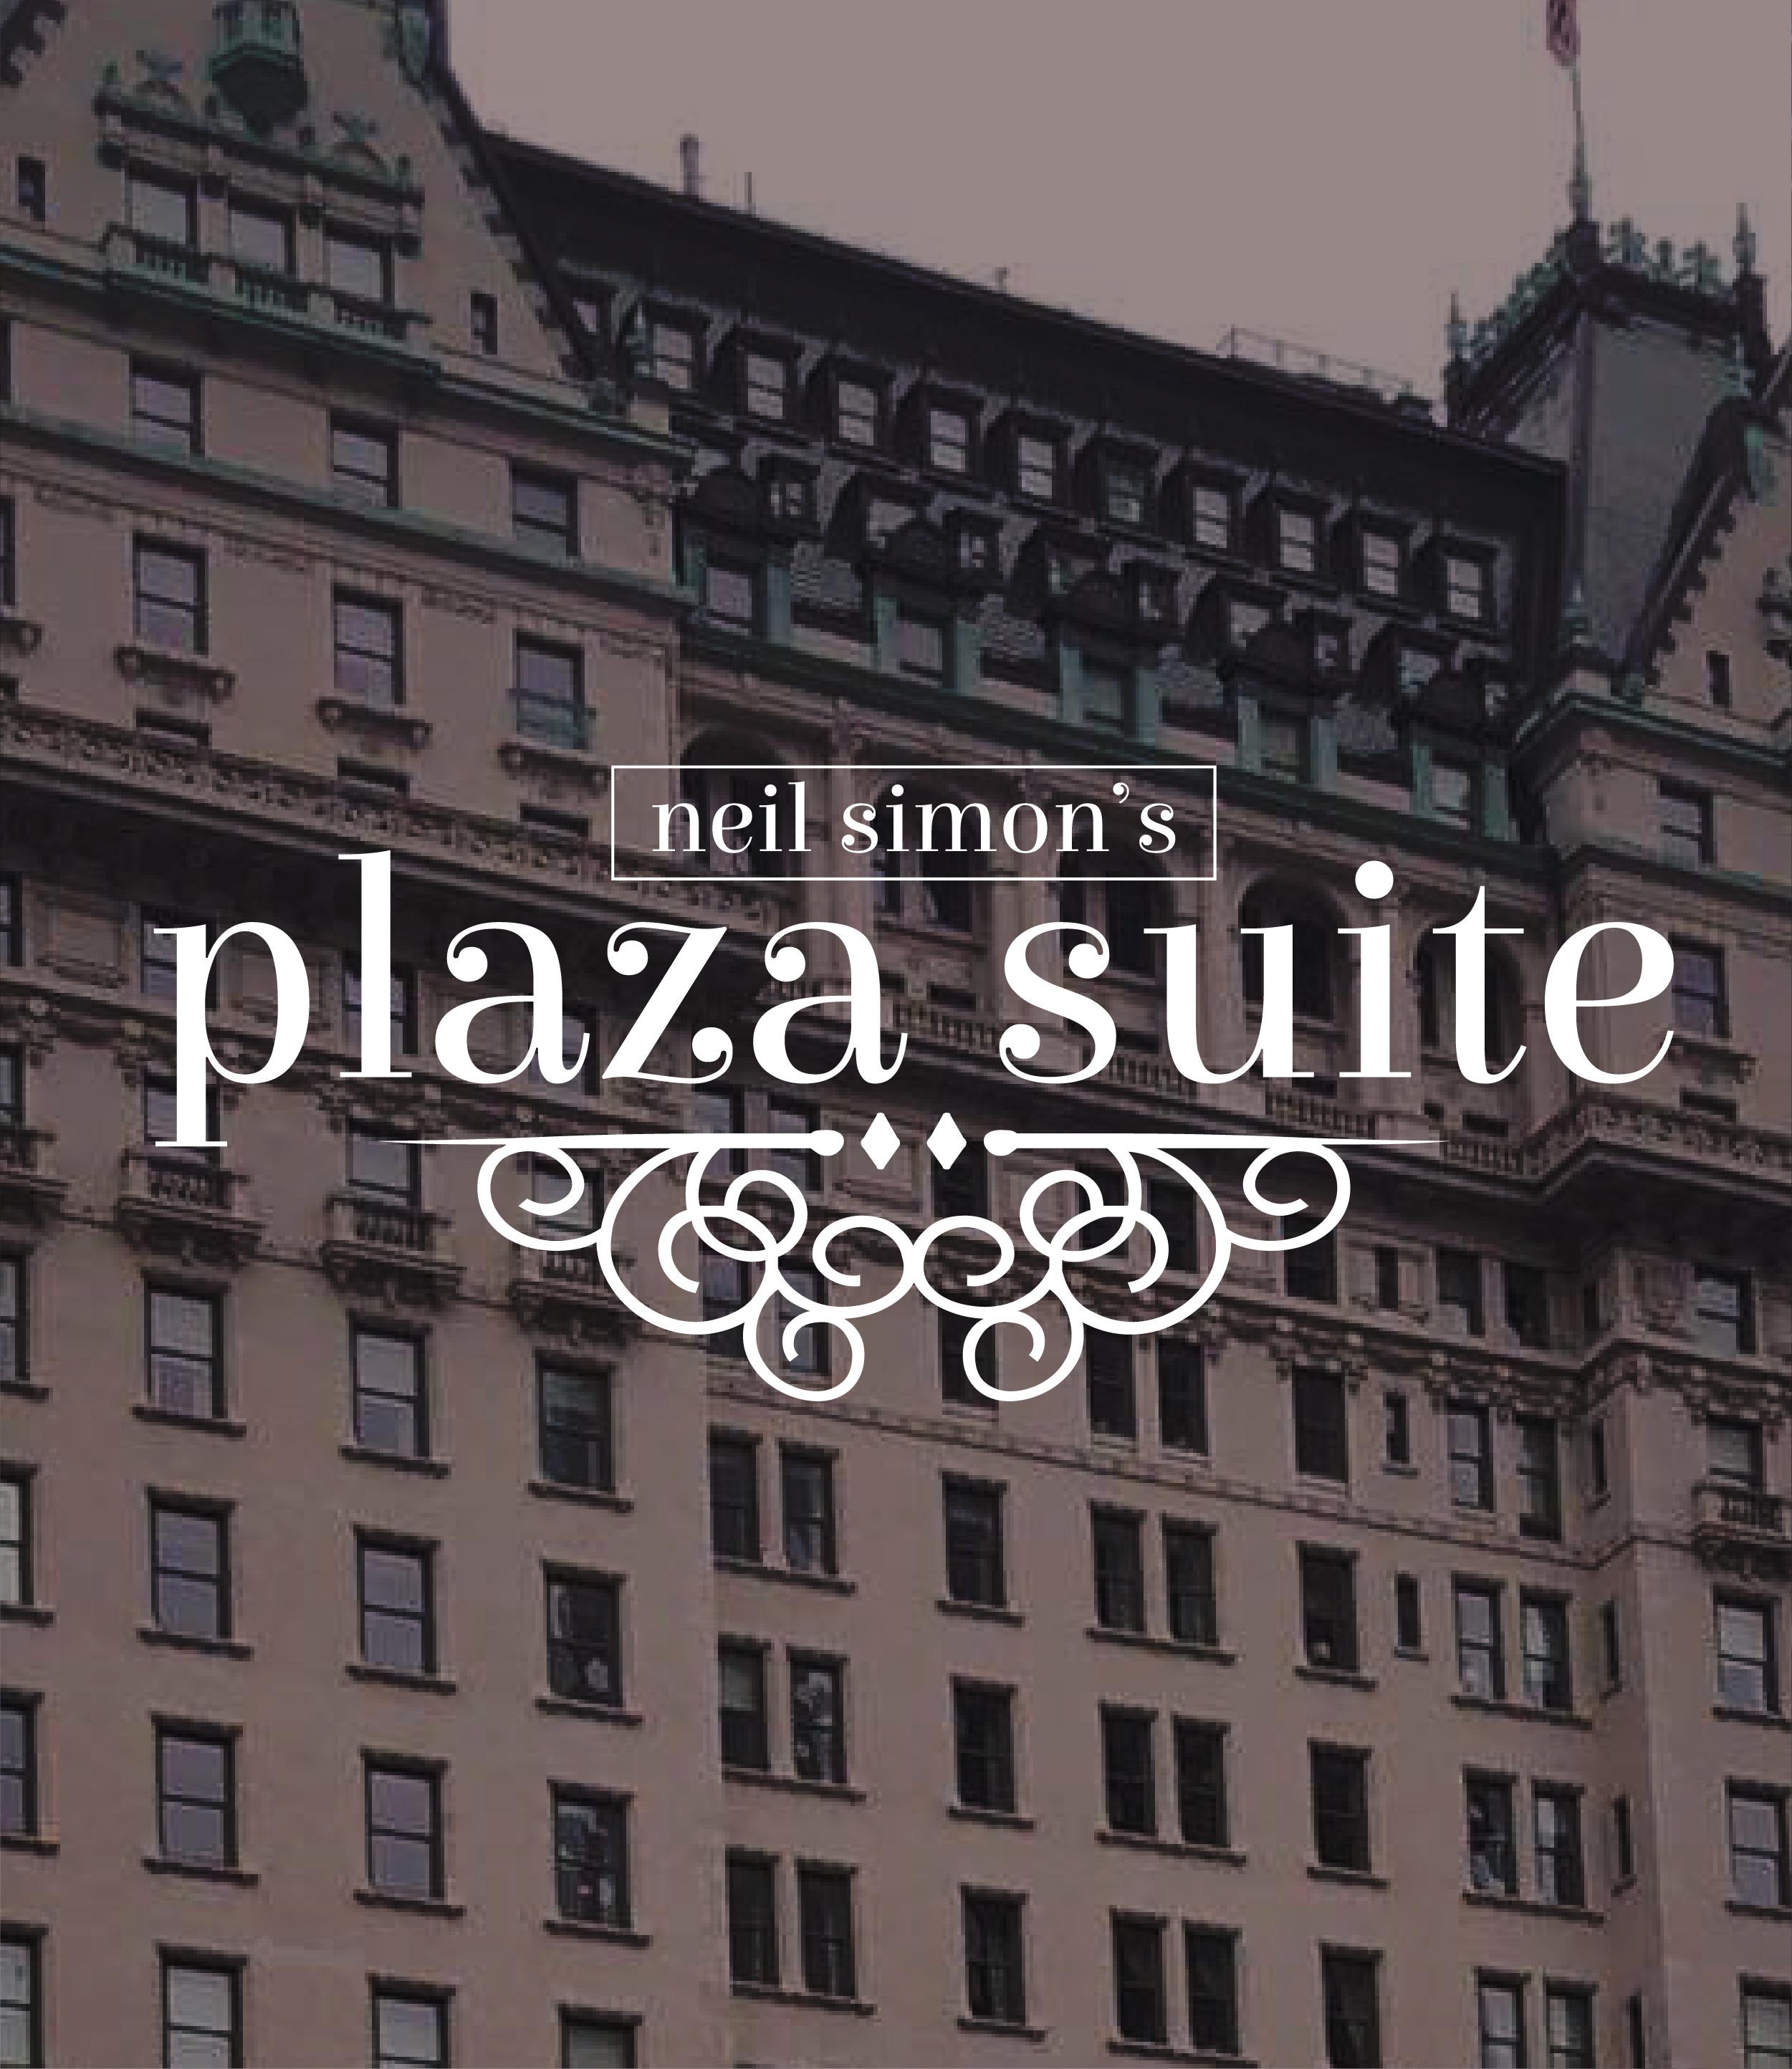 Neil Simon's Plaza Suite